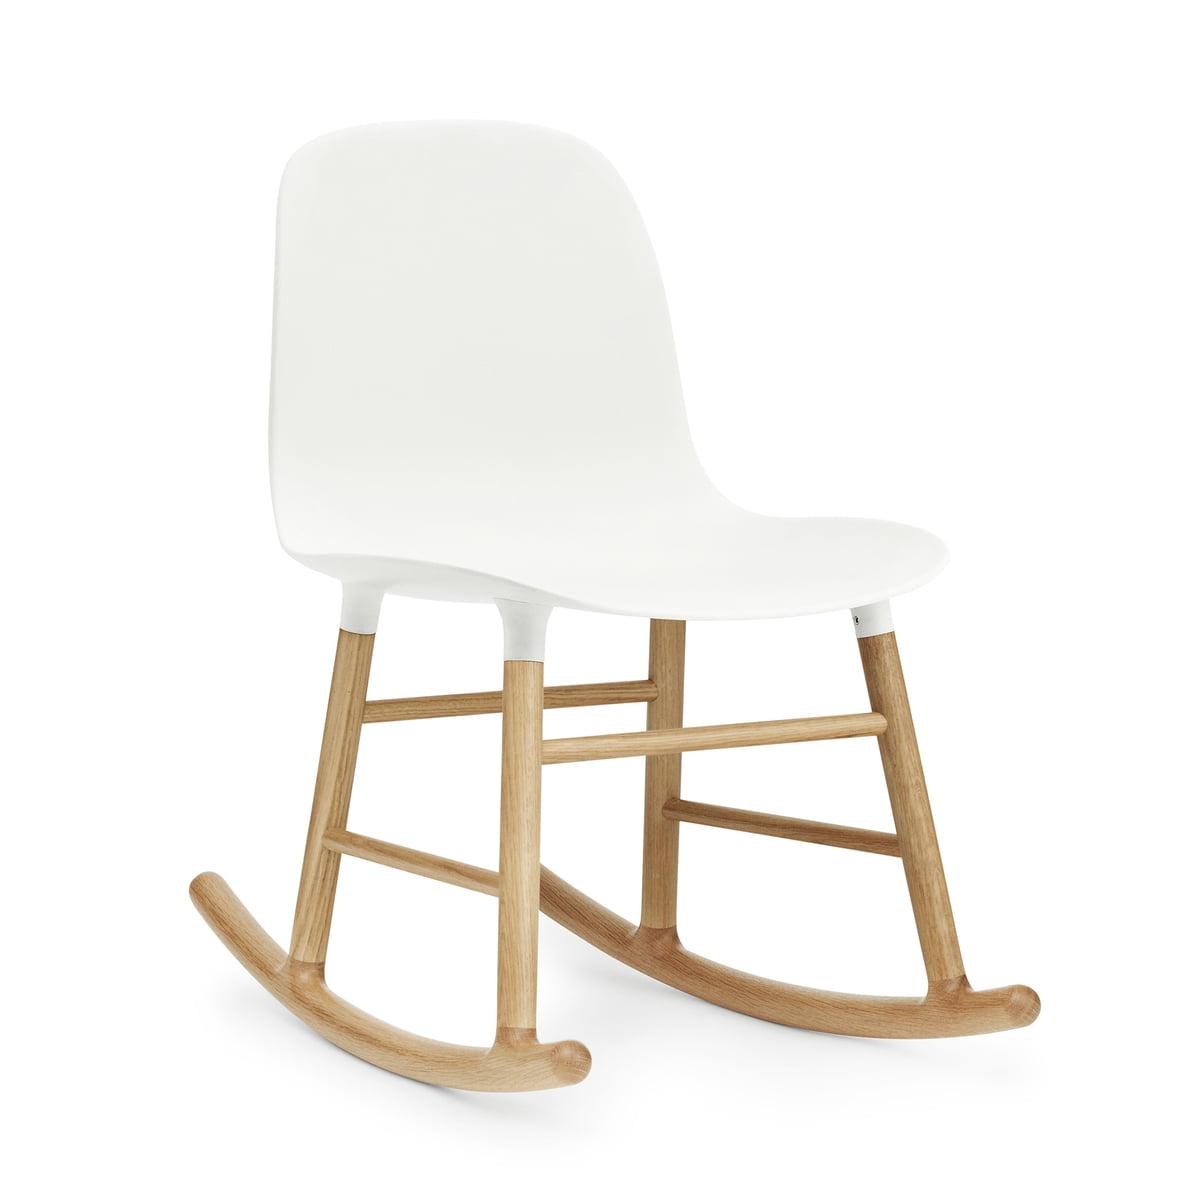 Normann Copenhagen - Form Schaukelstuhl, Gestell Eiche / weiß | Wohnzimmer > Stüle > Schaukelstühle | Weiß | Normann Copenhagen